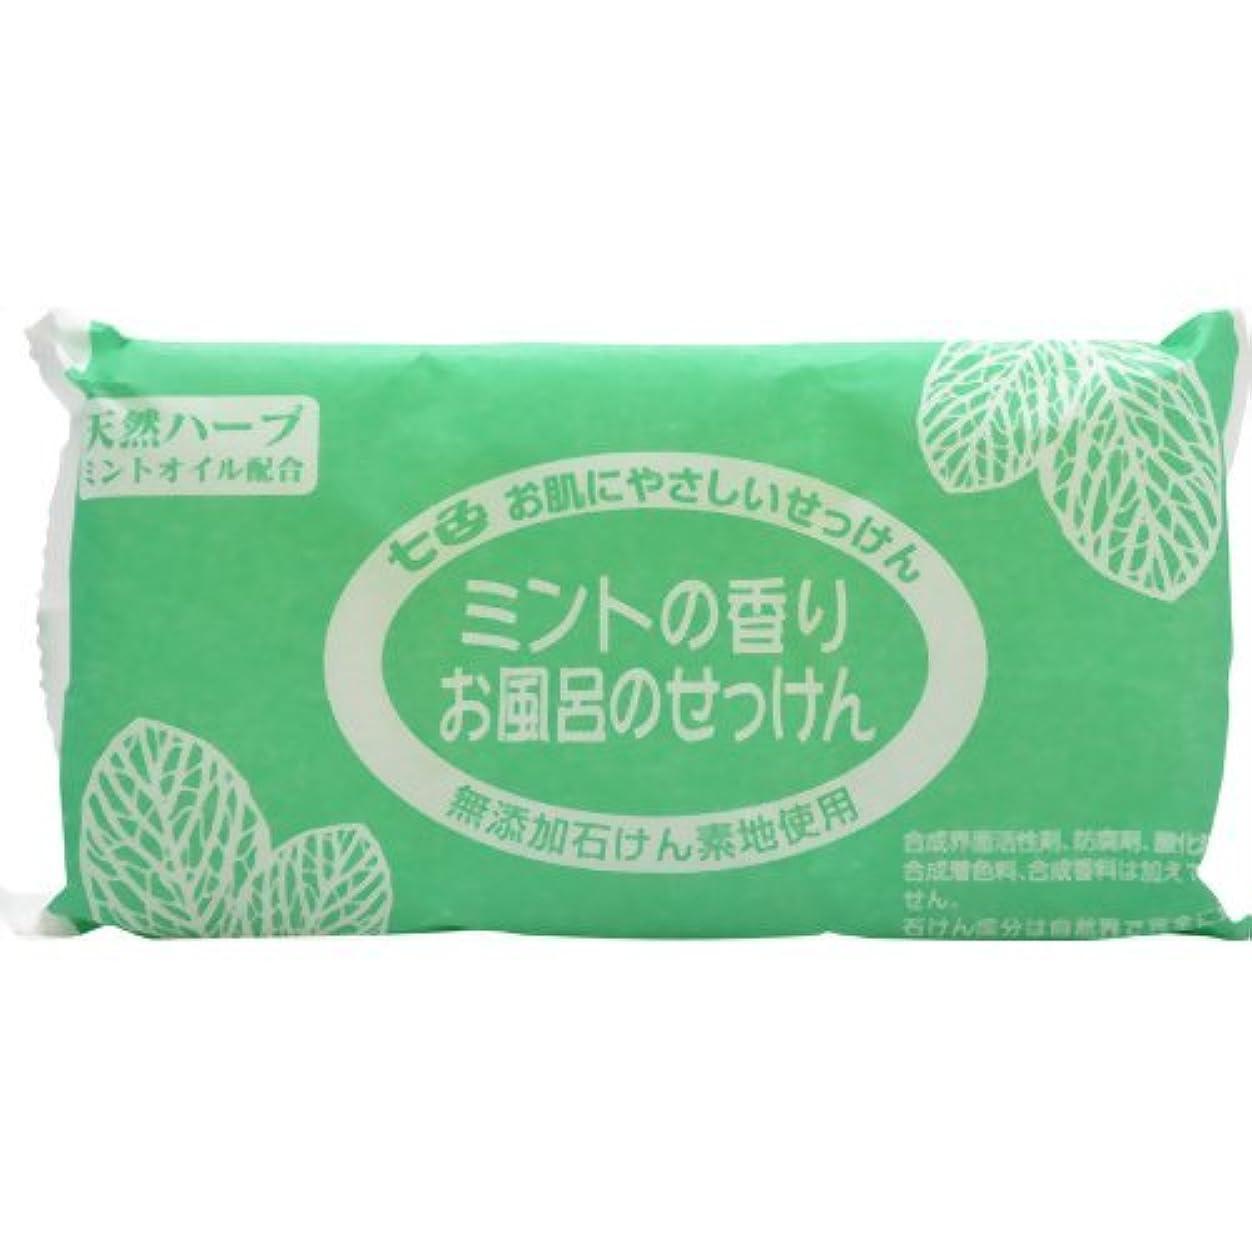 痛い懲戒許容できる七色 お風呂のせっけん ミントの香り(無添加石鹸) 100g×3個入